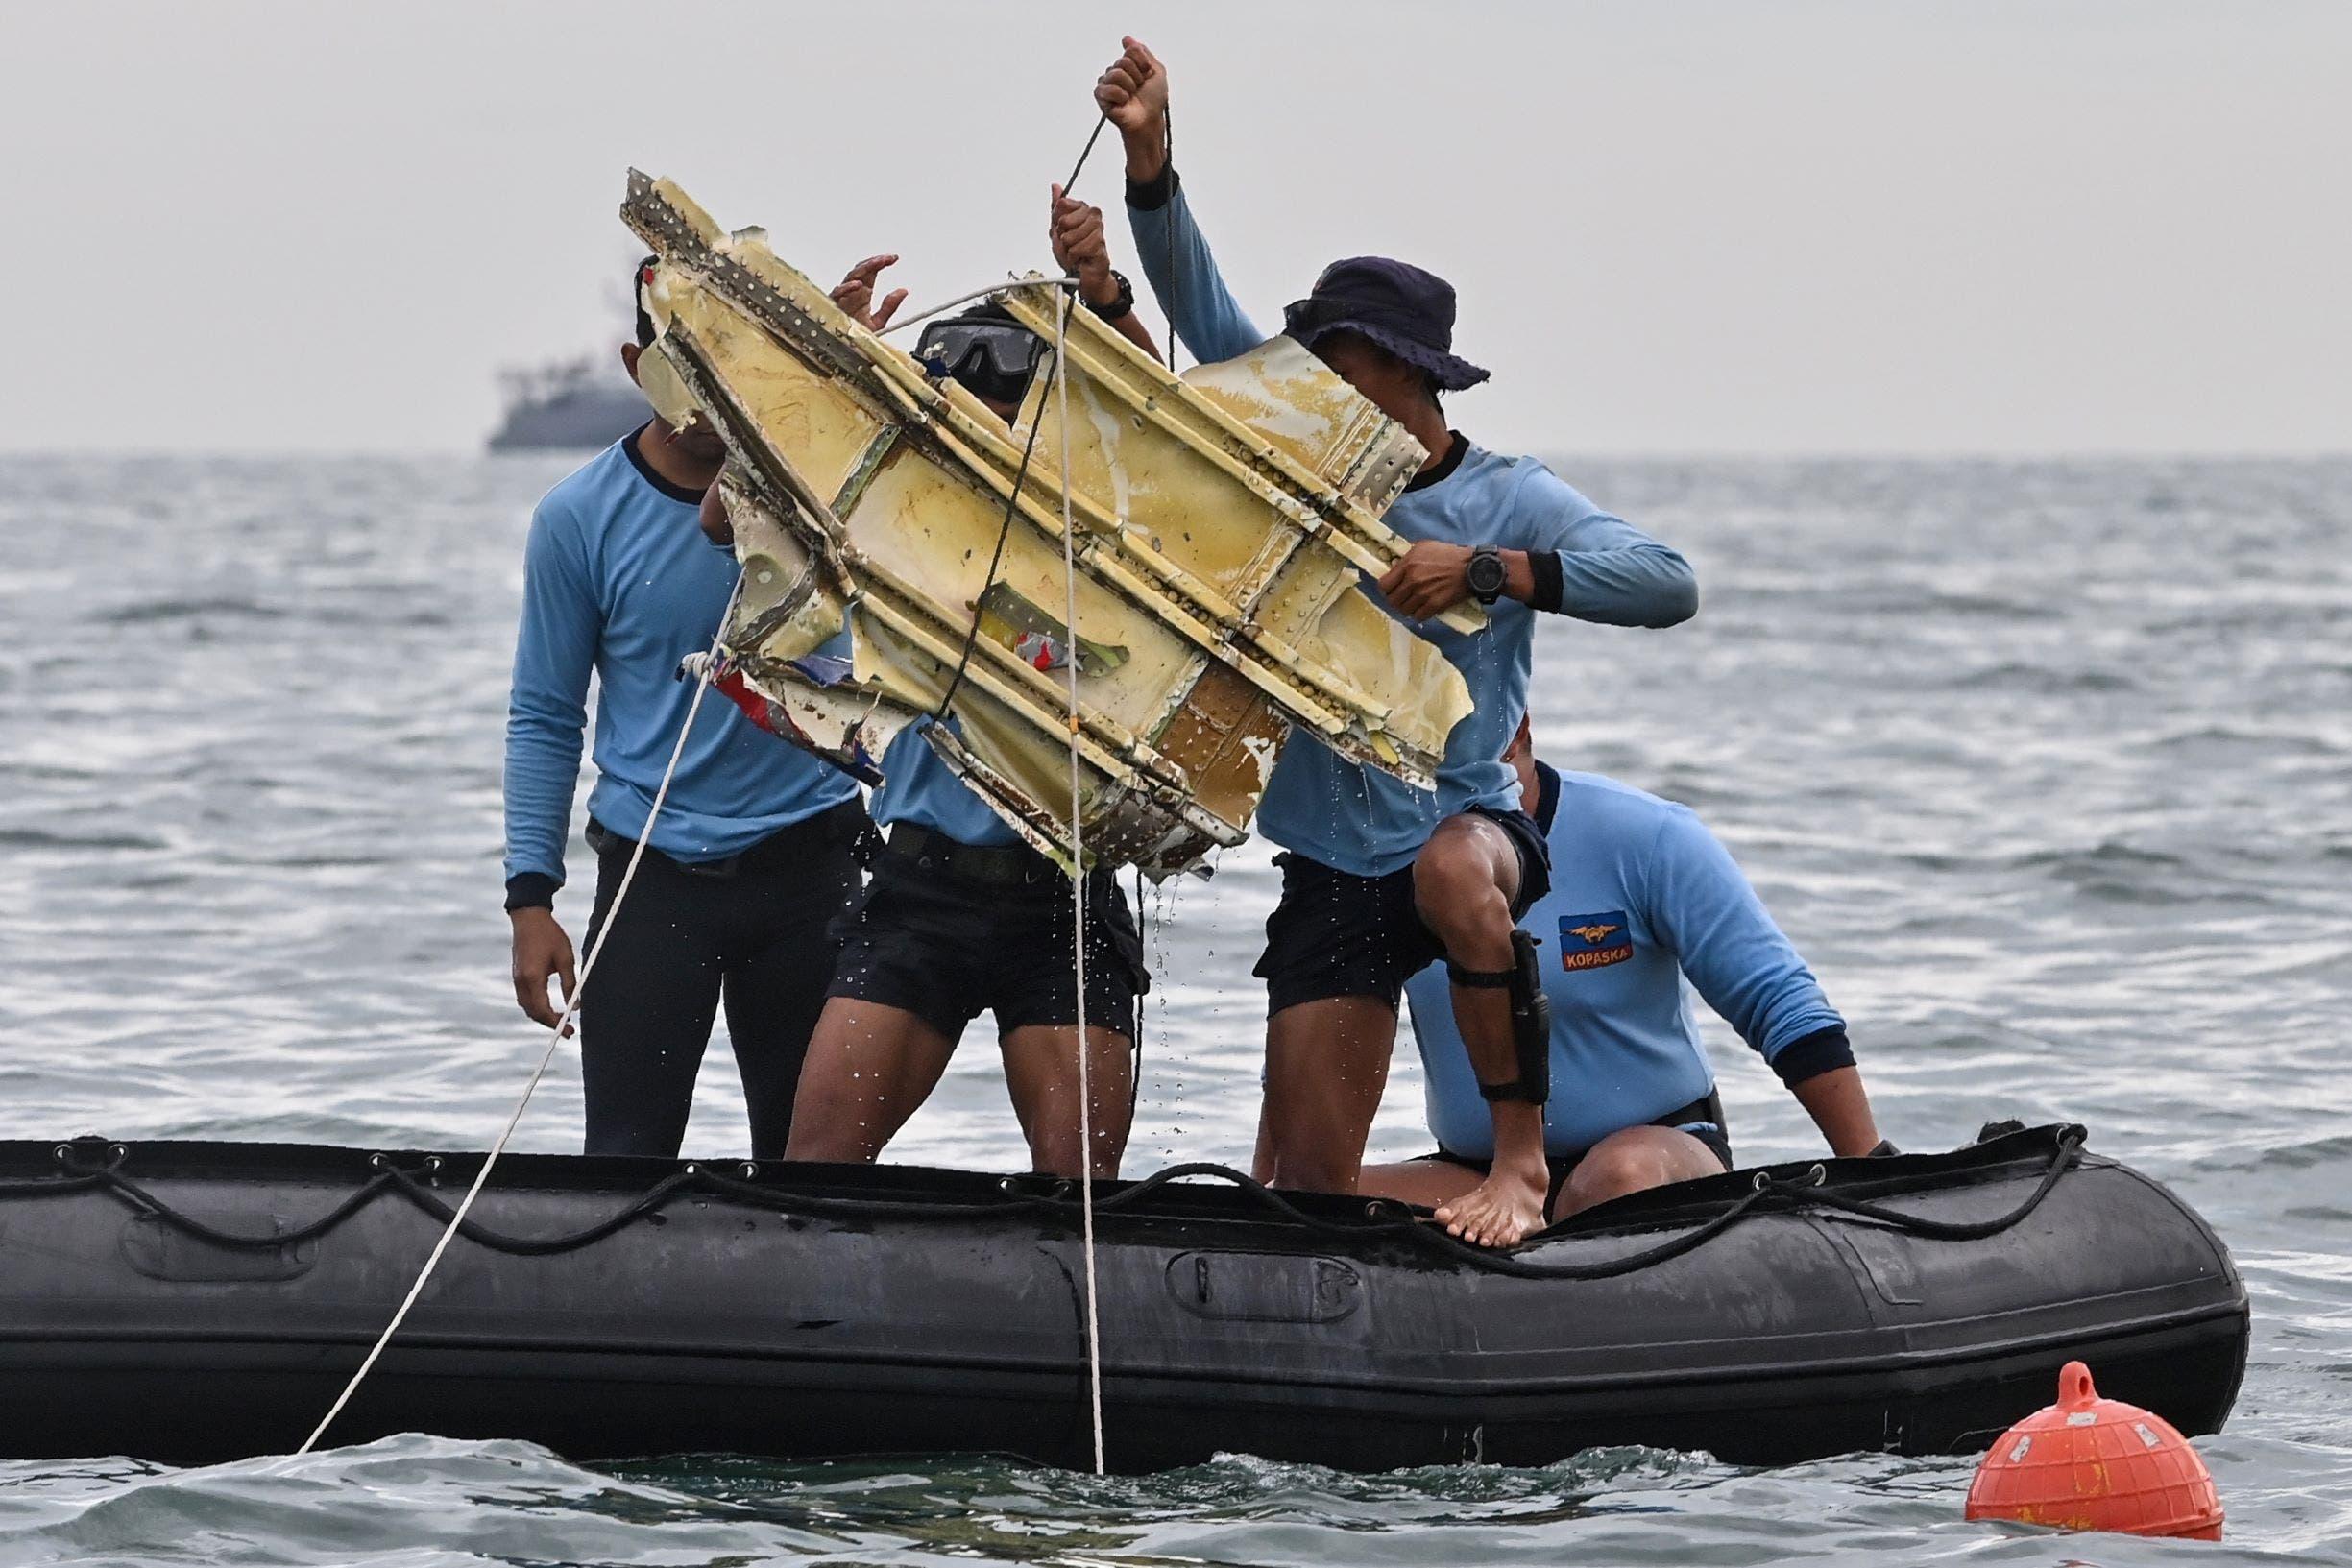 فريق البحث ينتشل حطام من الطائرة المنكوبة- إندونيسيا